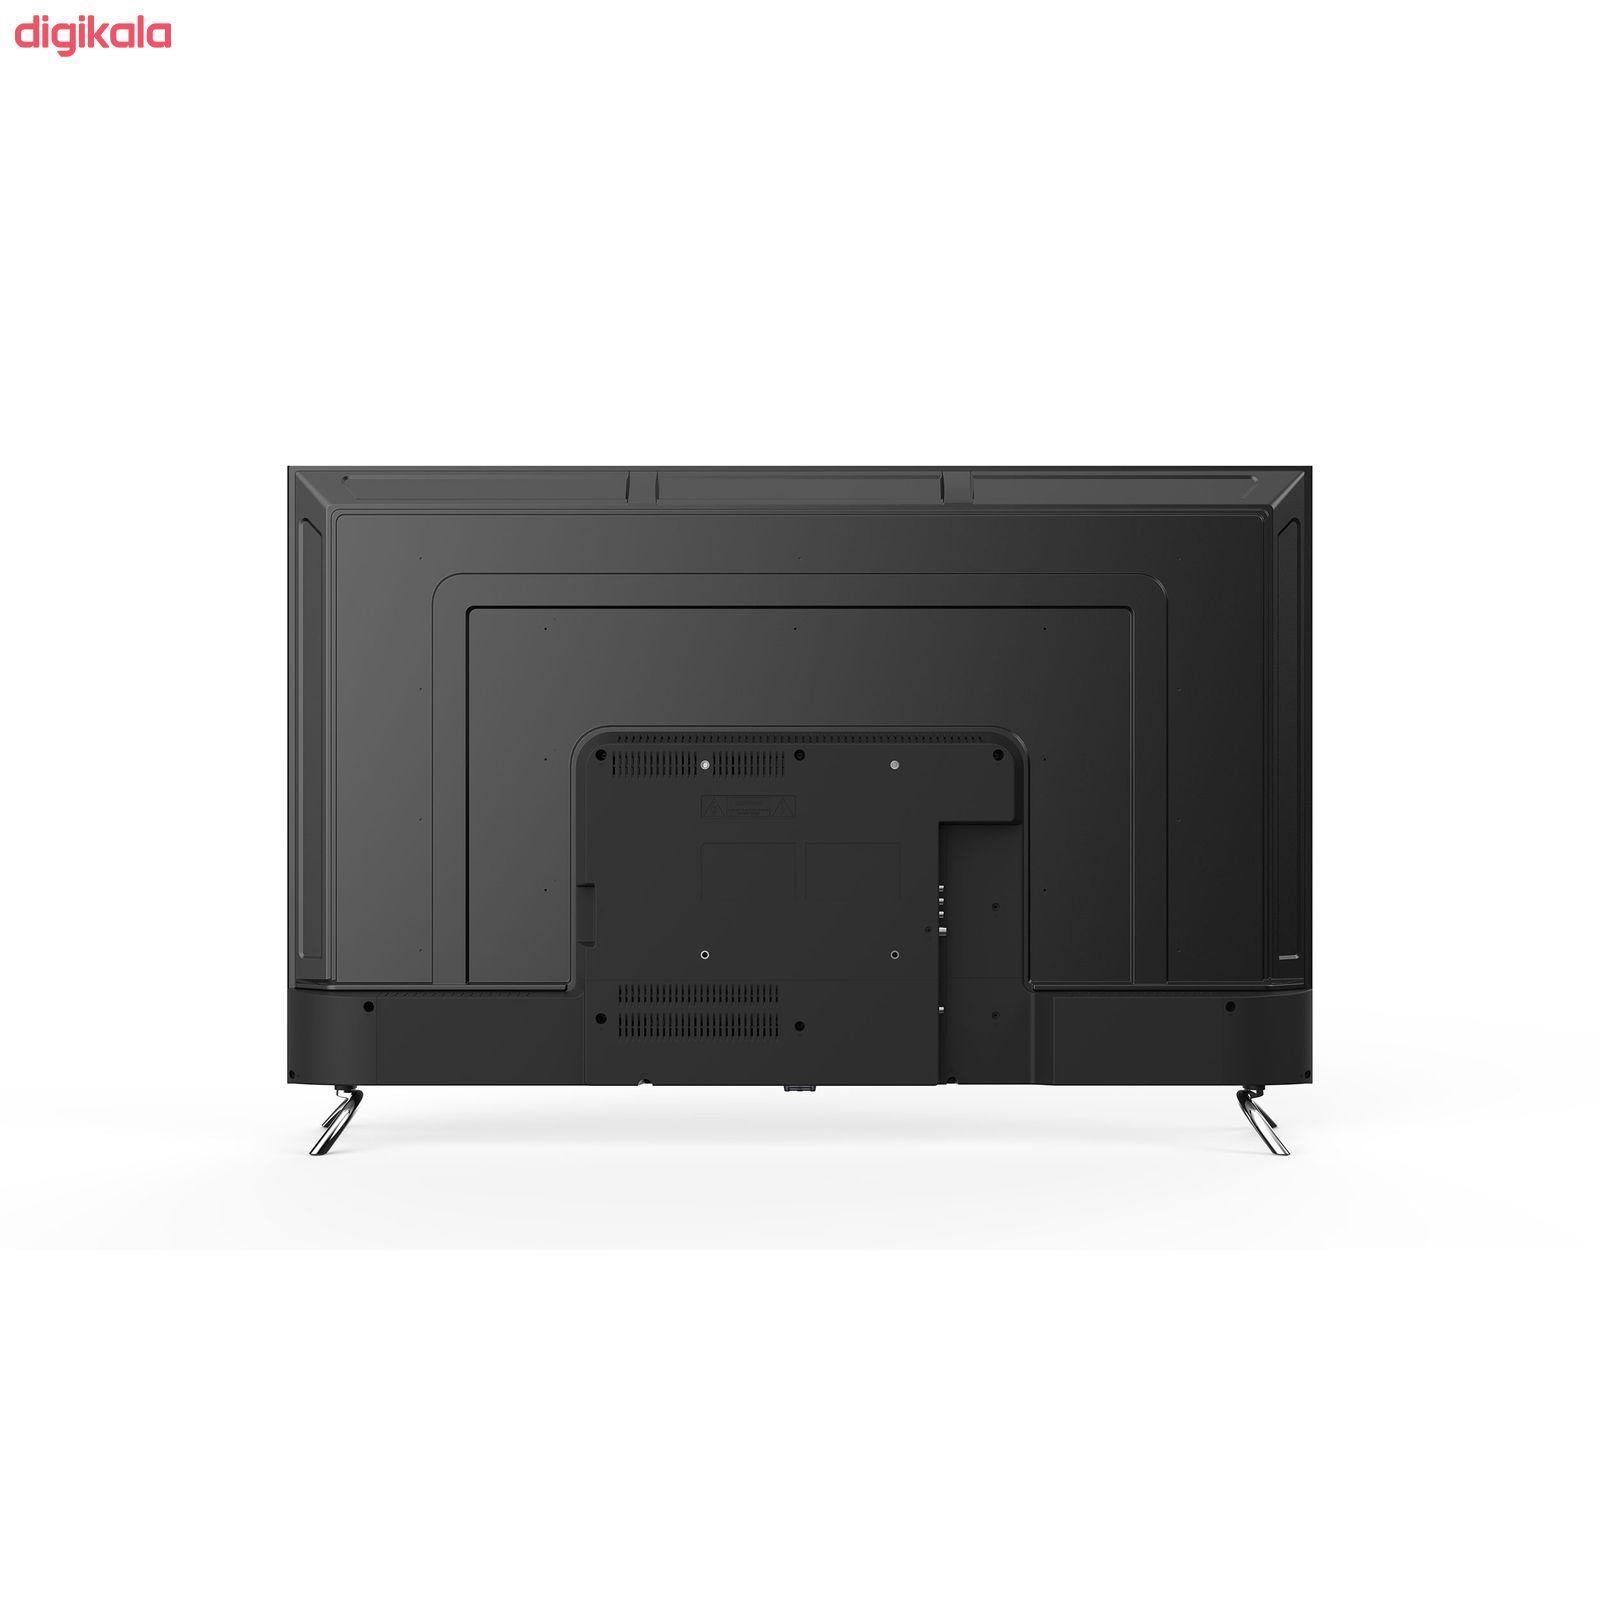 تلویزیون ال ای دی هوشمند جی پلاس مدل GTV-50LU722S سایز 50 اینچ main 1 2